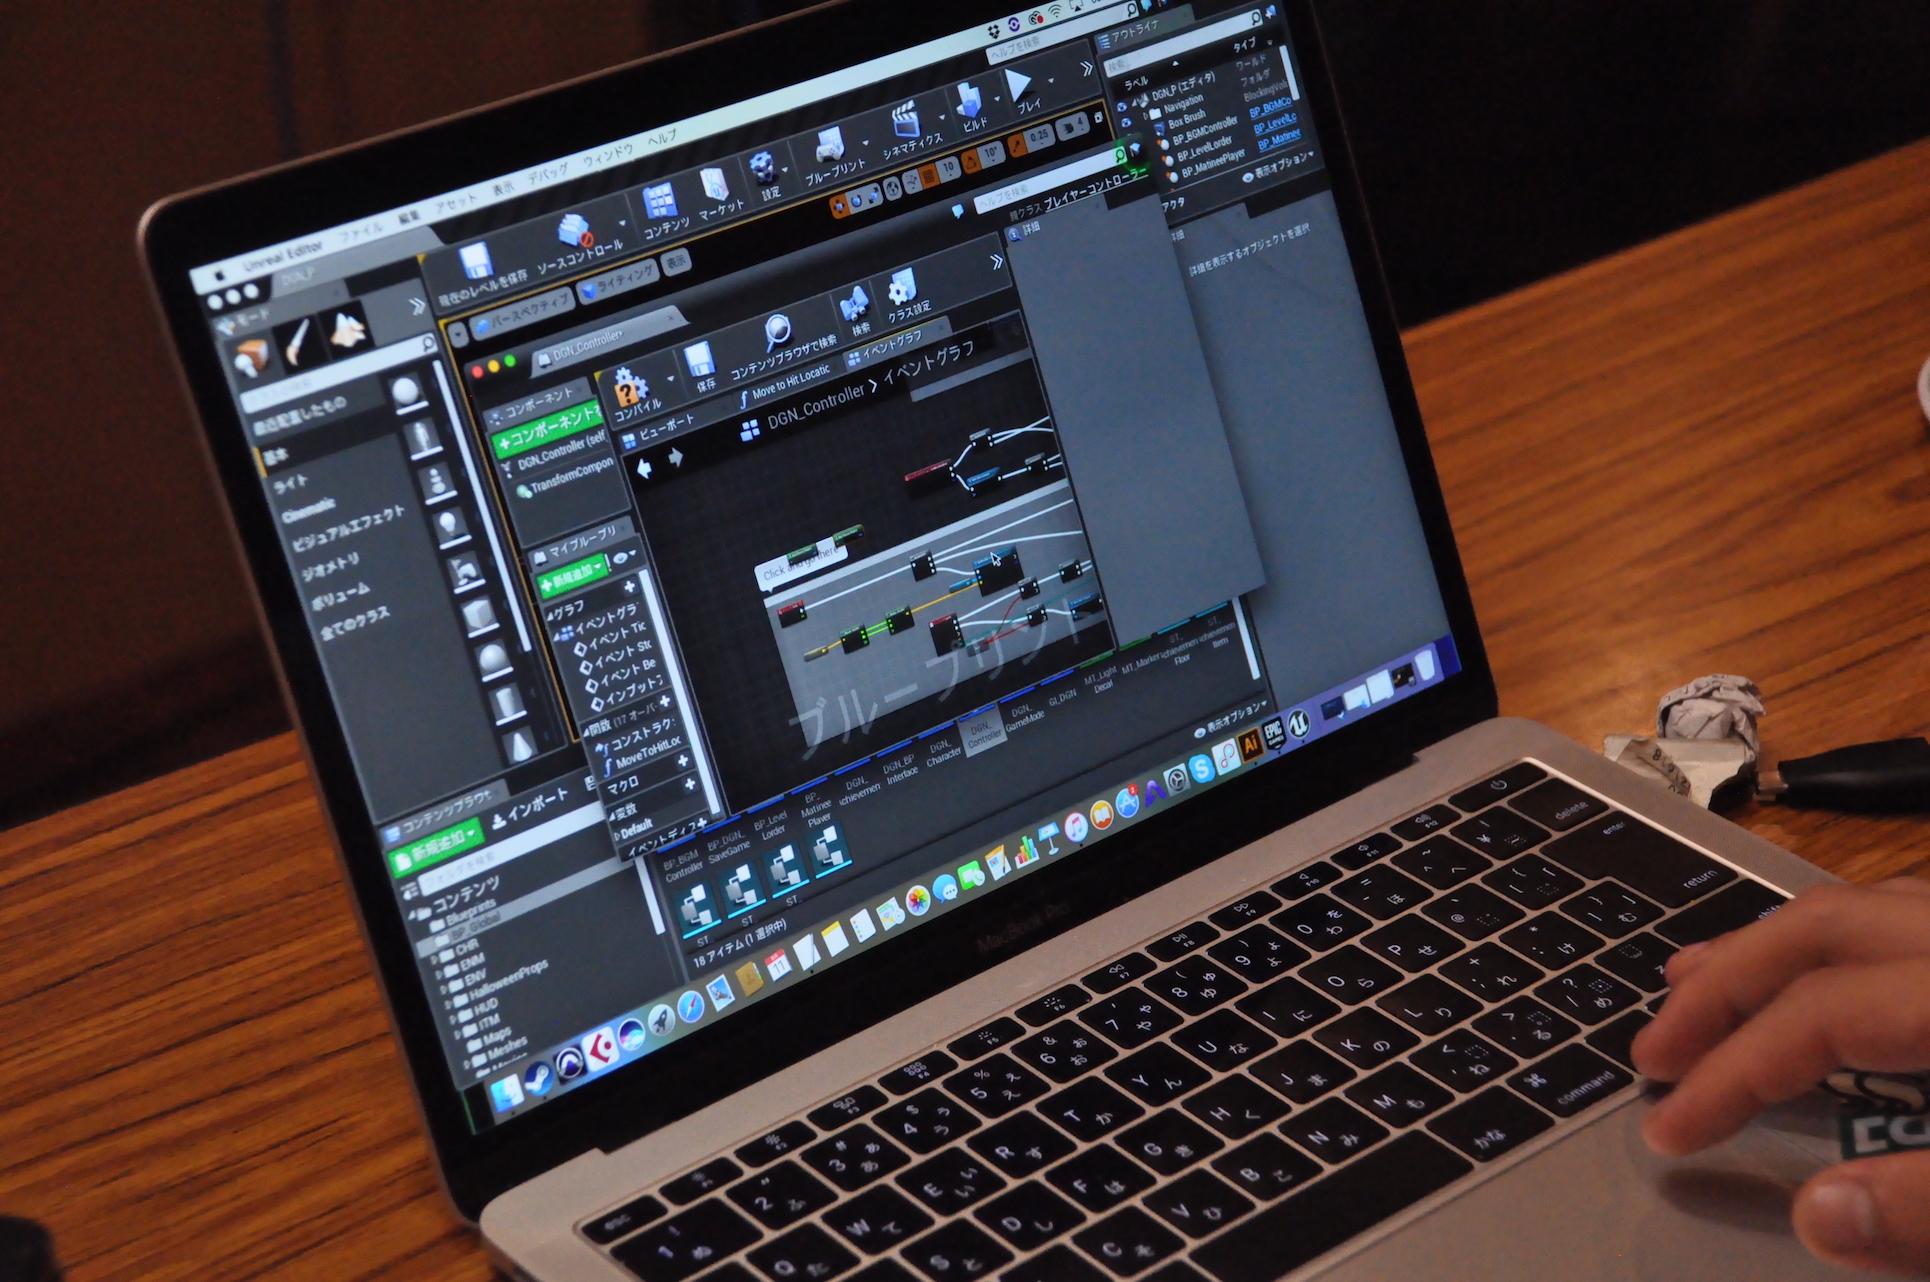 ゲームエンジン「Unreal Engine」を活用してゲームサウンド実装に挑戦!